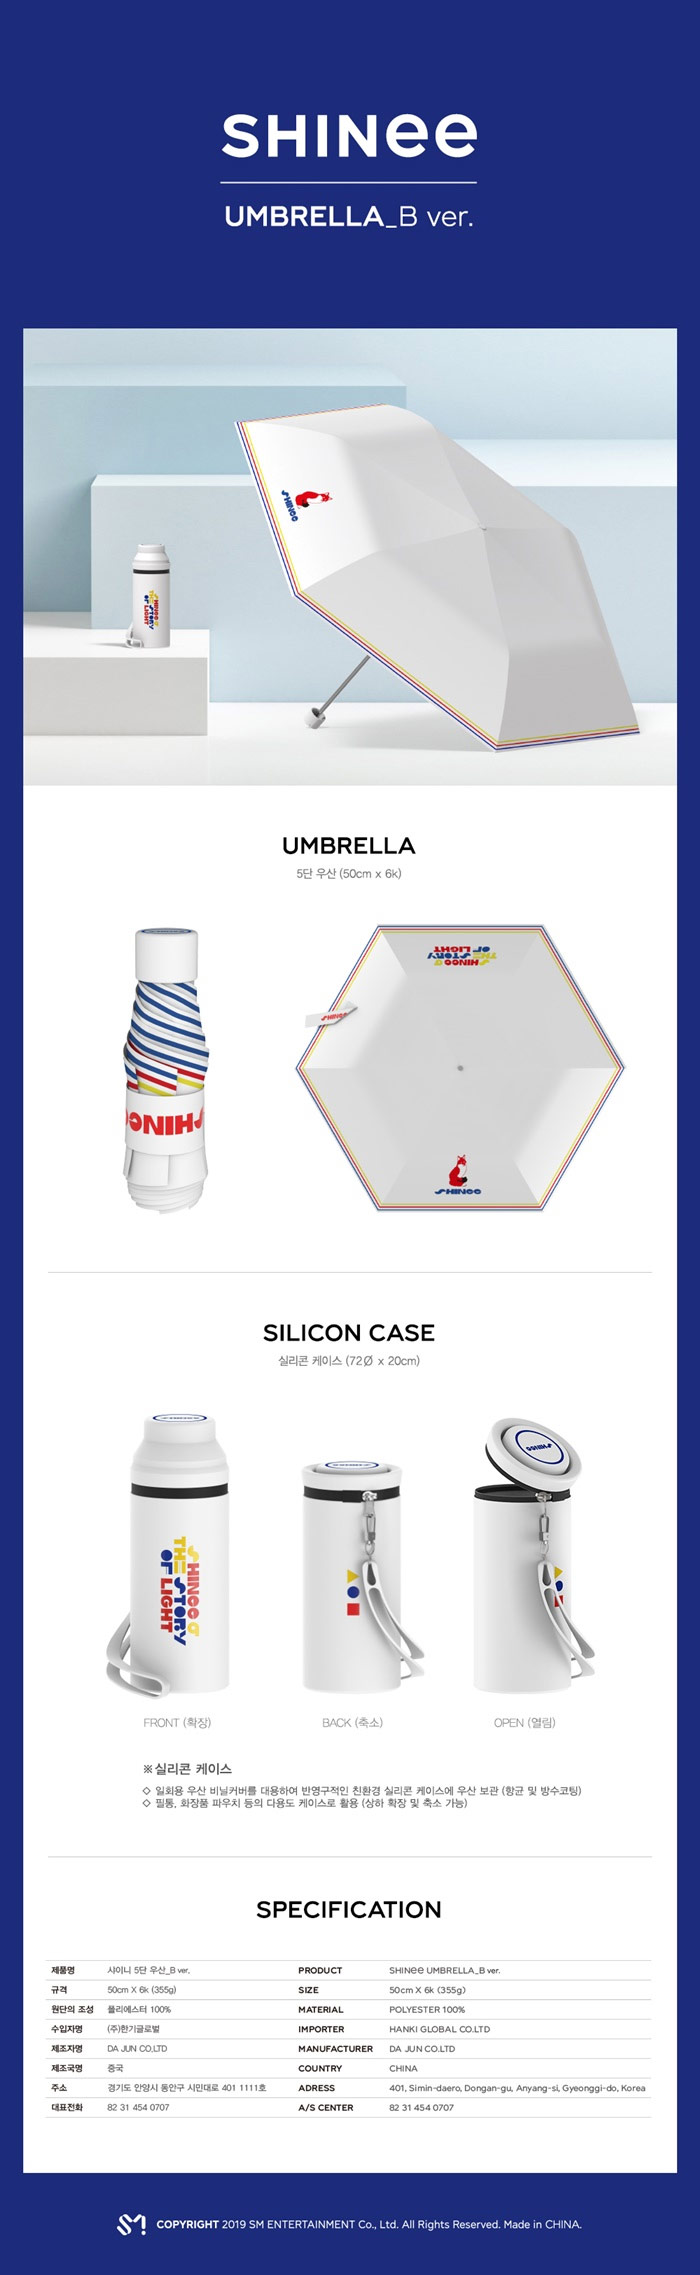 shinee_official_umbrella